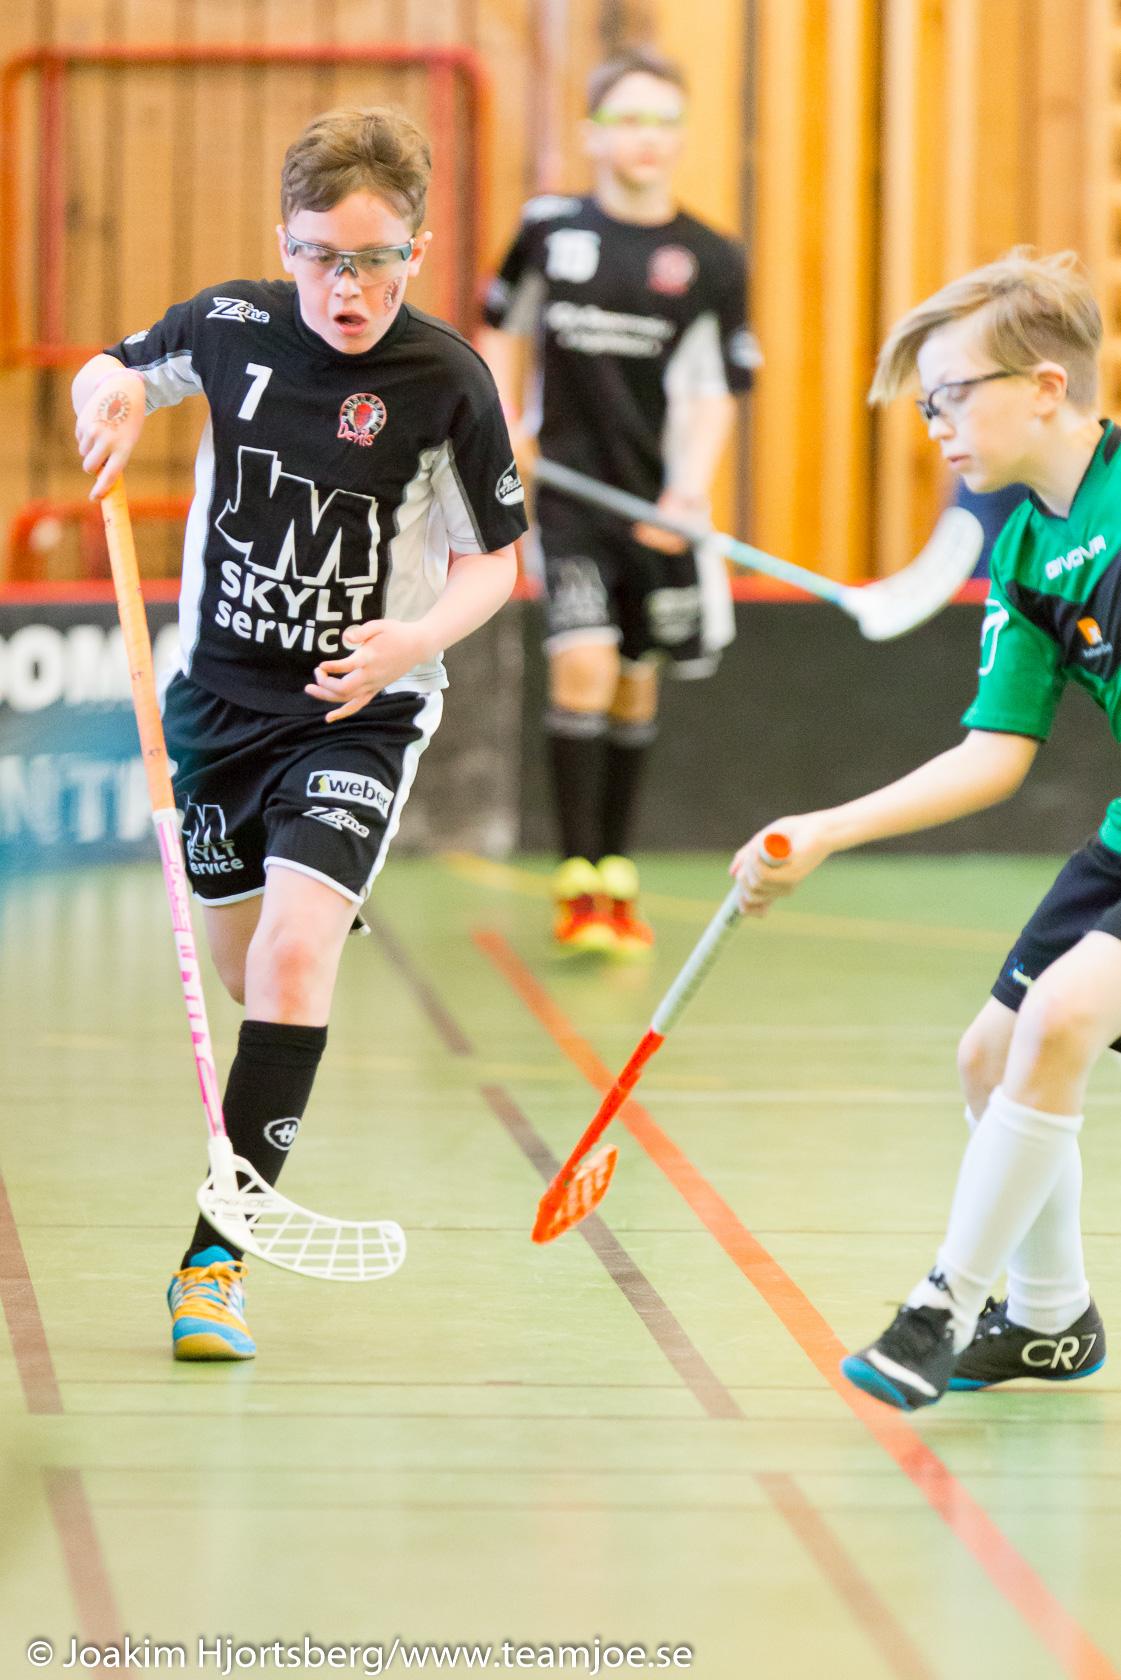 20160409_1628-2 Örebrocupen